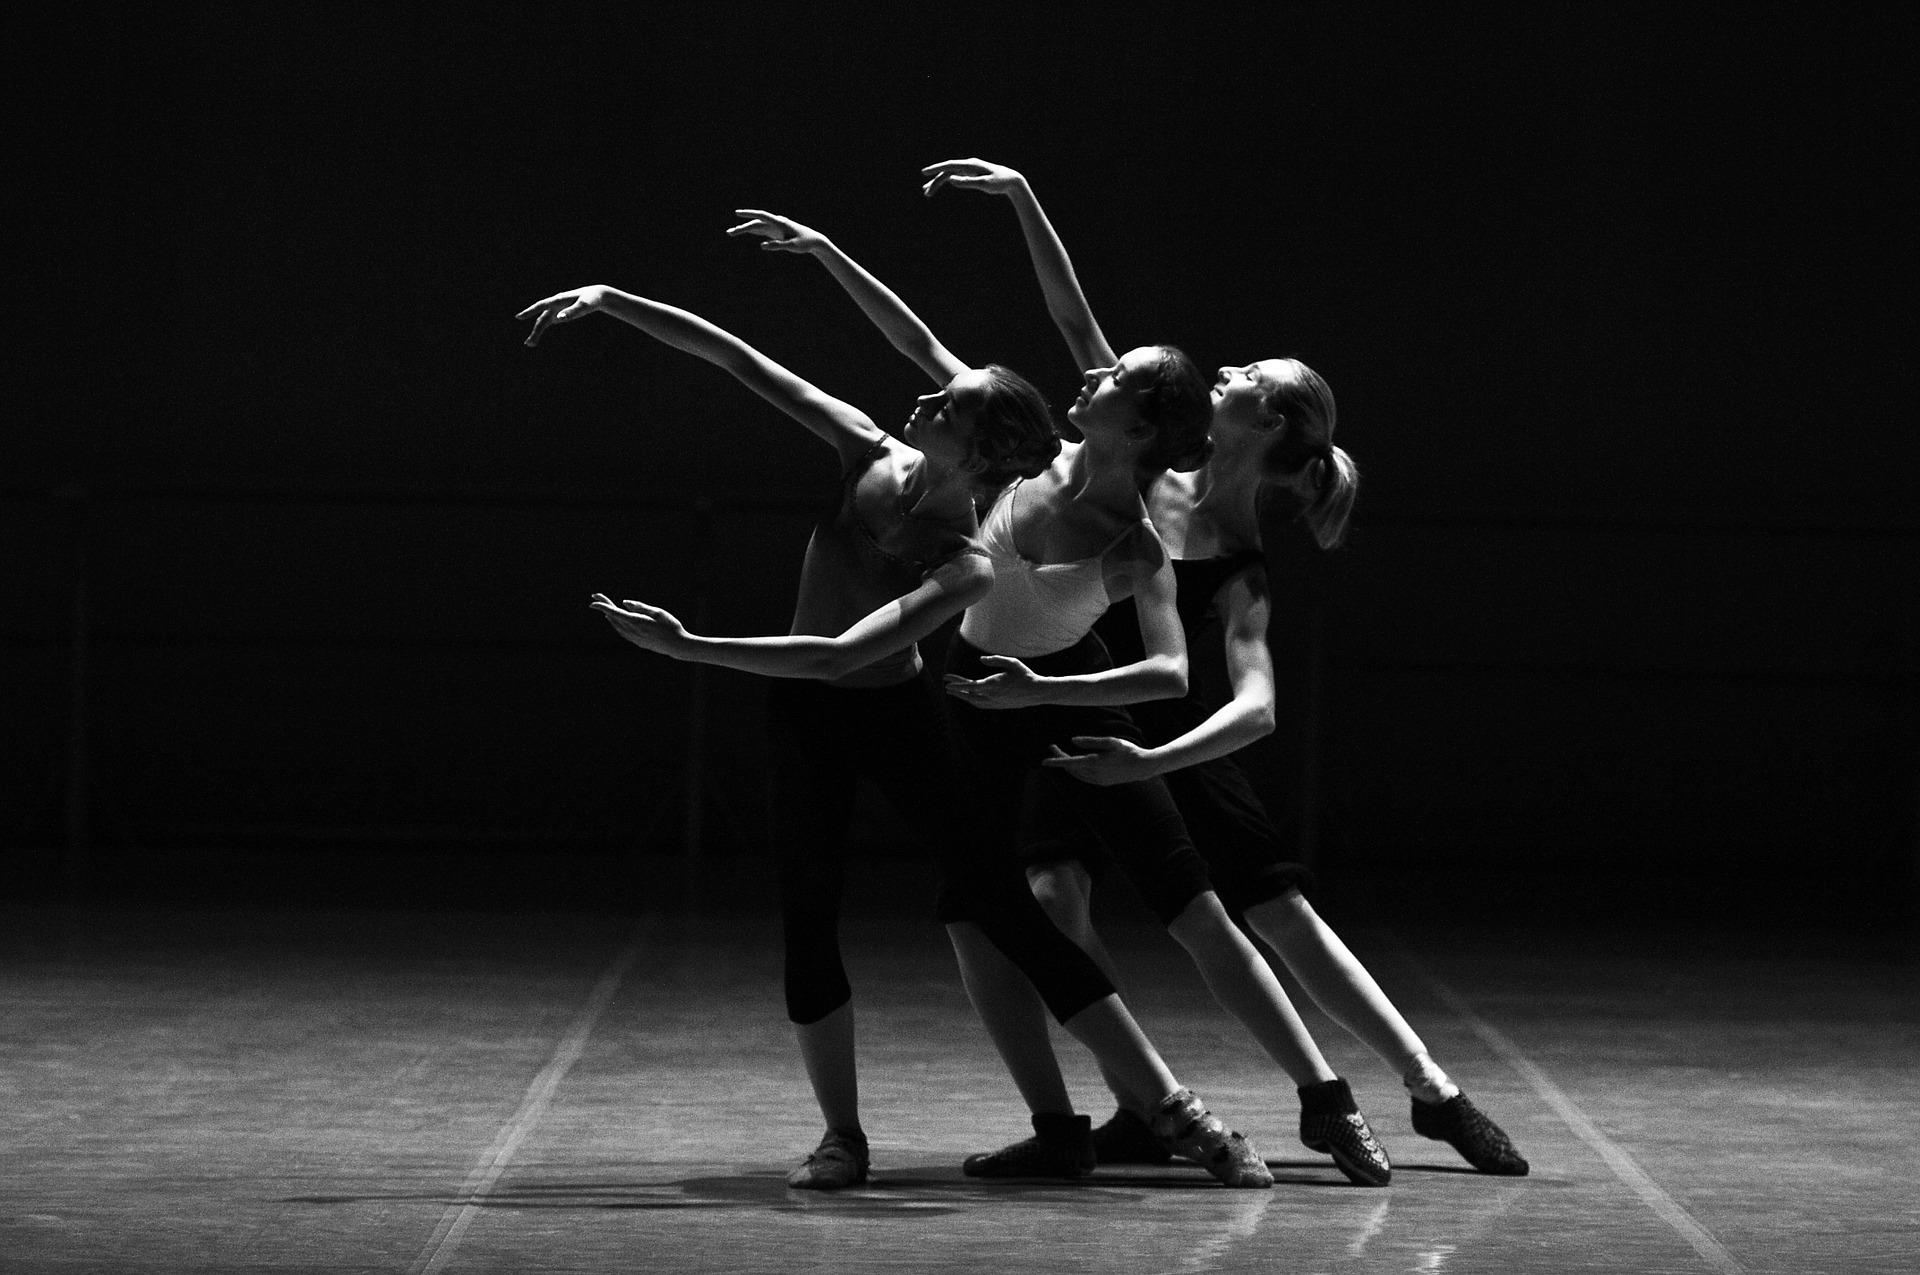 #КлассИКИ: Сценическое движение итанец впрофессии актёра